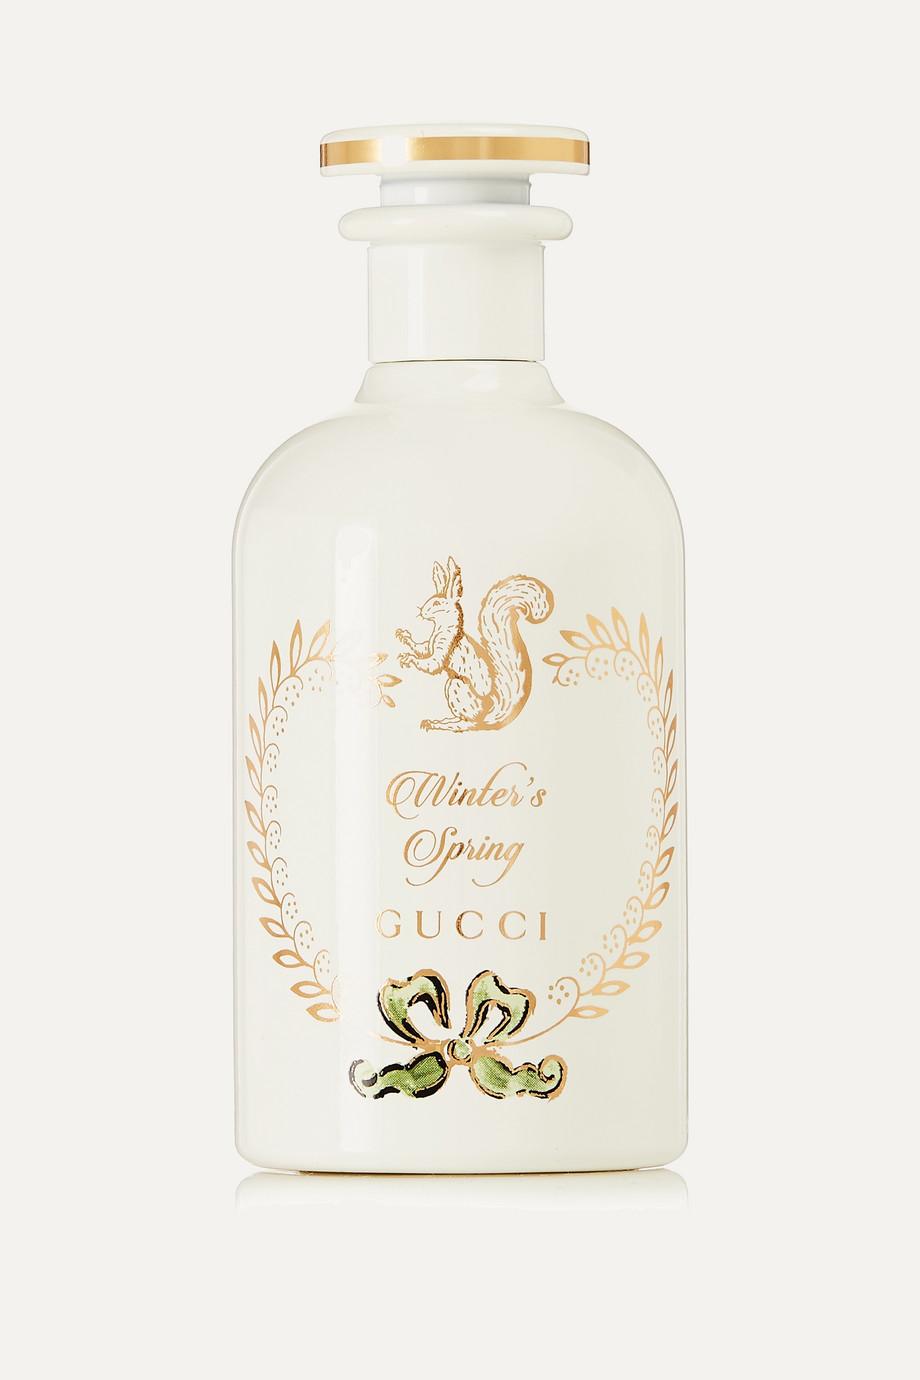 Gucci Beauty Gucci: The Alchemist's Garden – Winter's Spring, 100 ml – Eau de Parfum